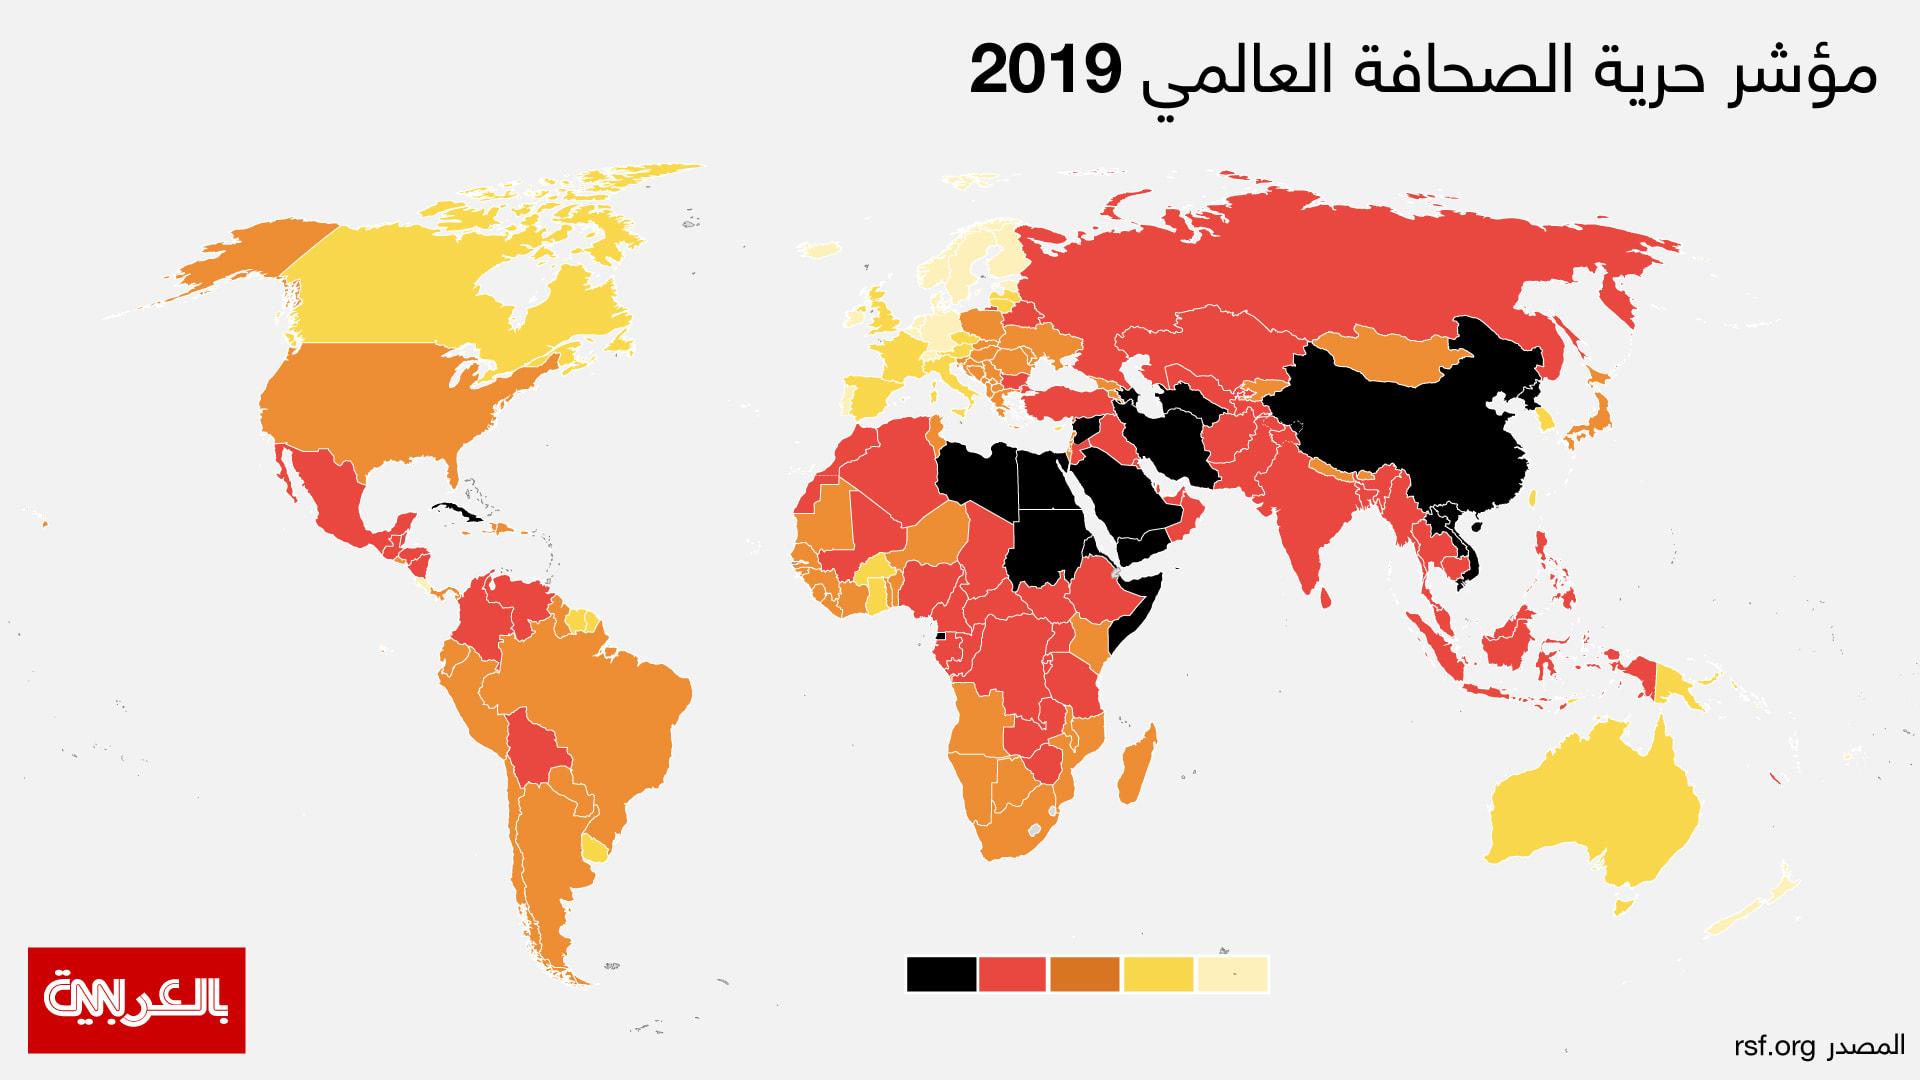 """هذا ترتيب الدول العربية بـ""""حرية الصحافة 2019"""".. ما ترتيب بلدك؟"""